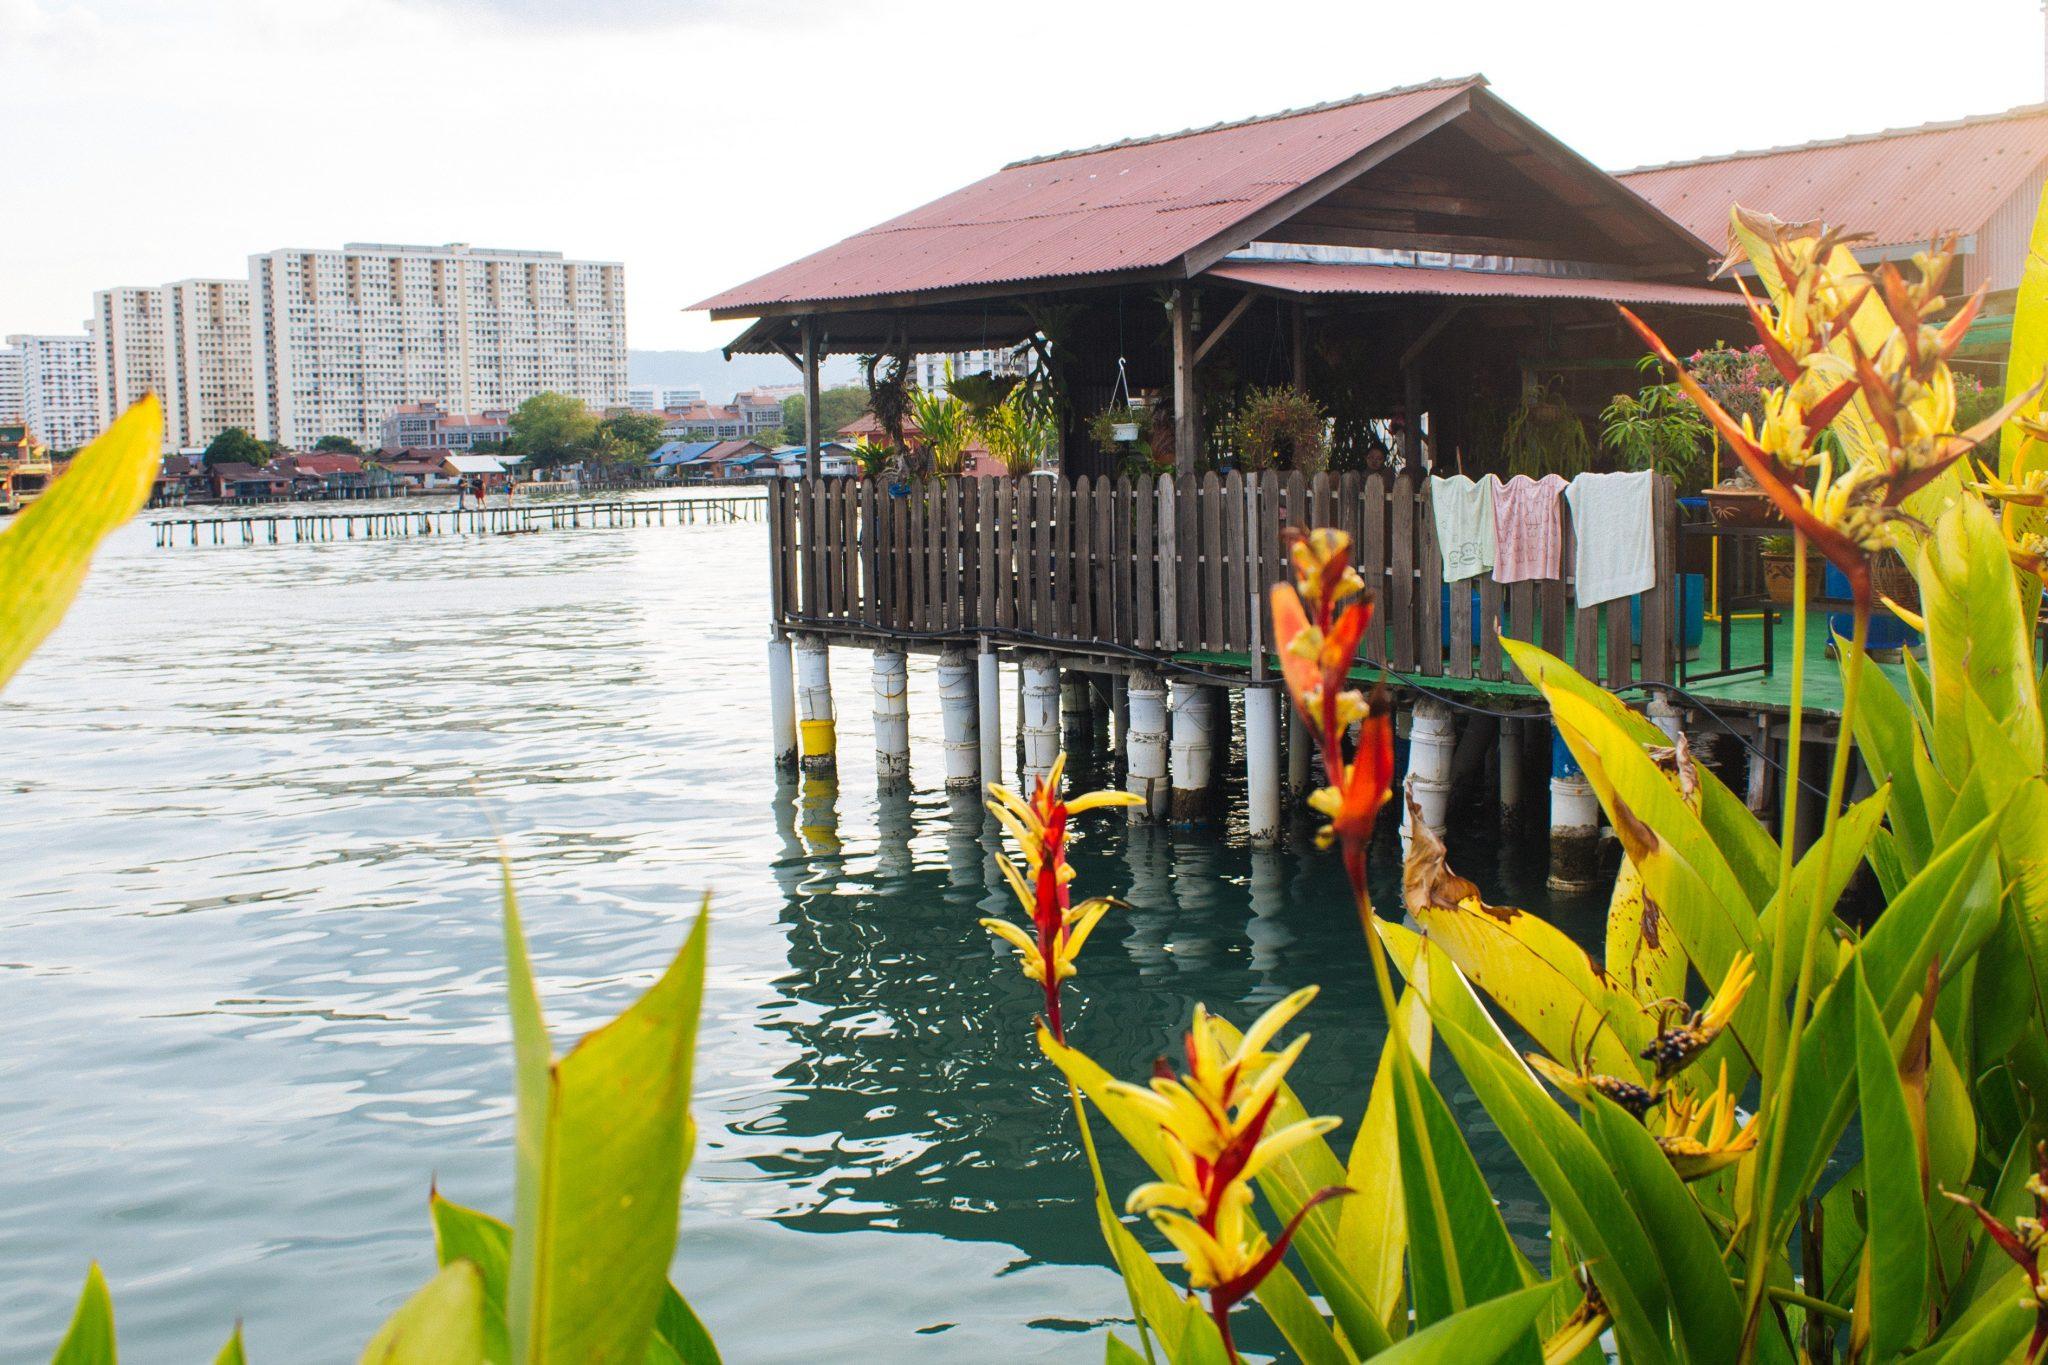 Clan Jetties in George Town, Penang Island, Malaysia | Asia Travel